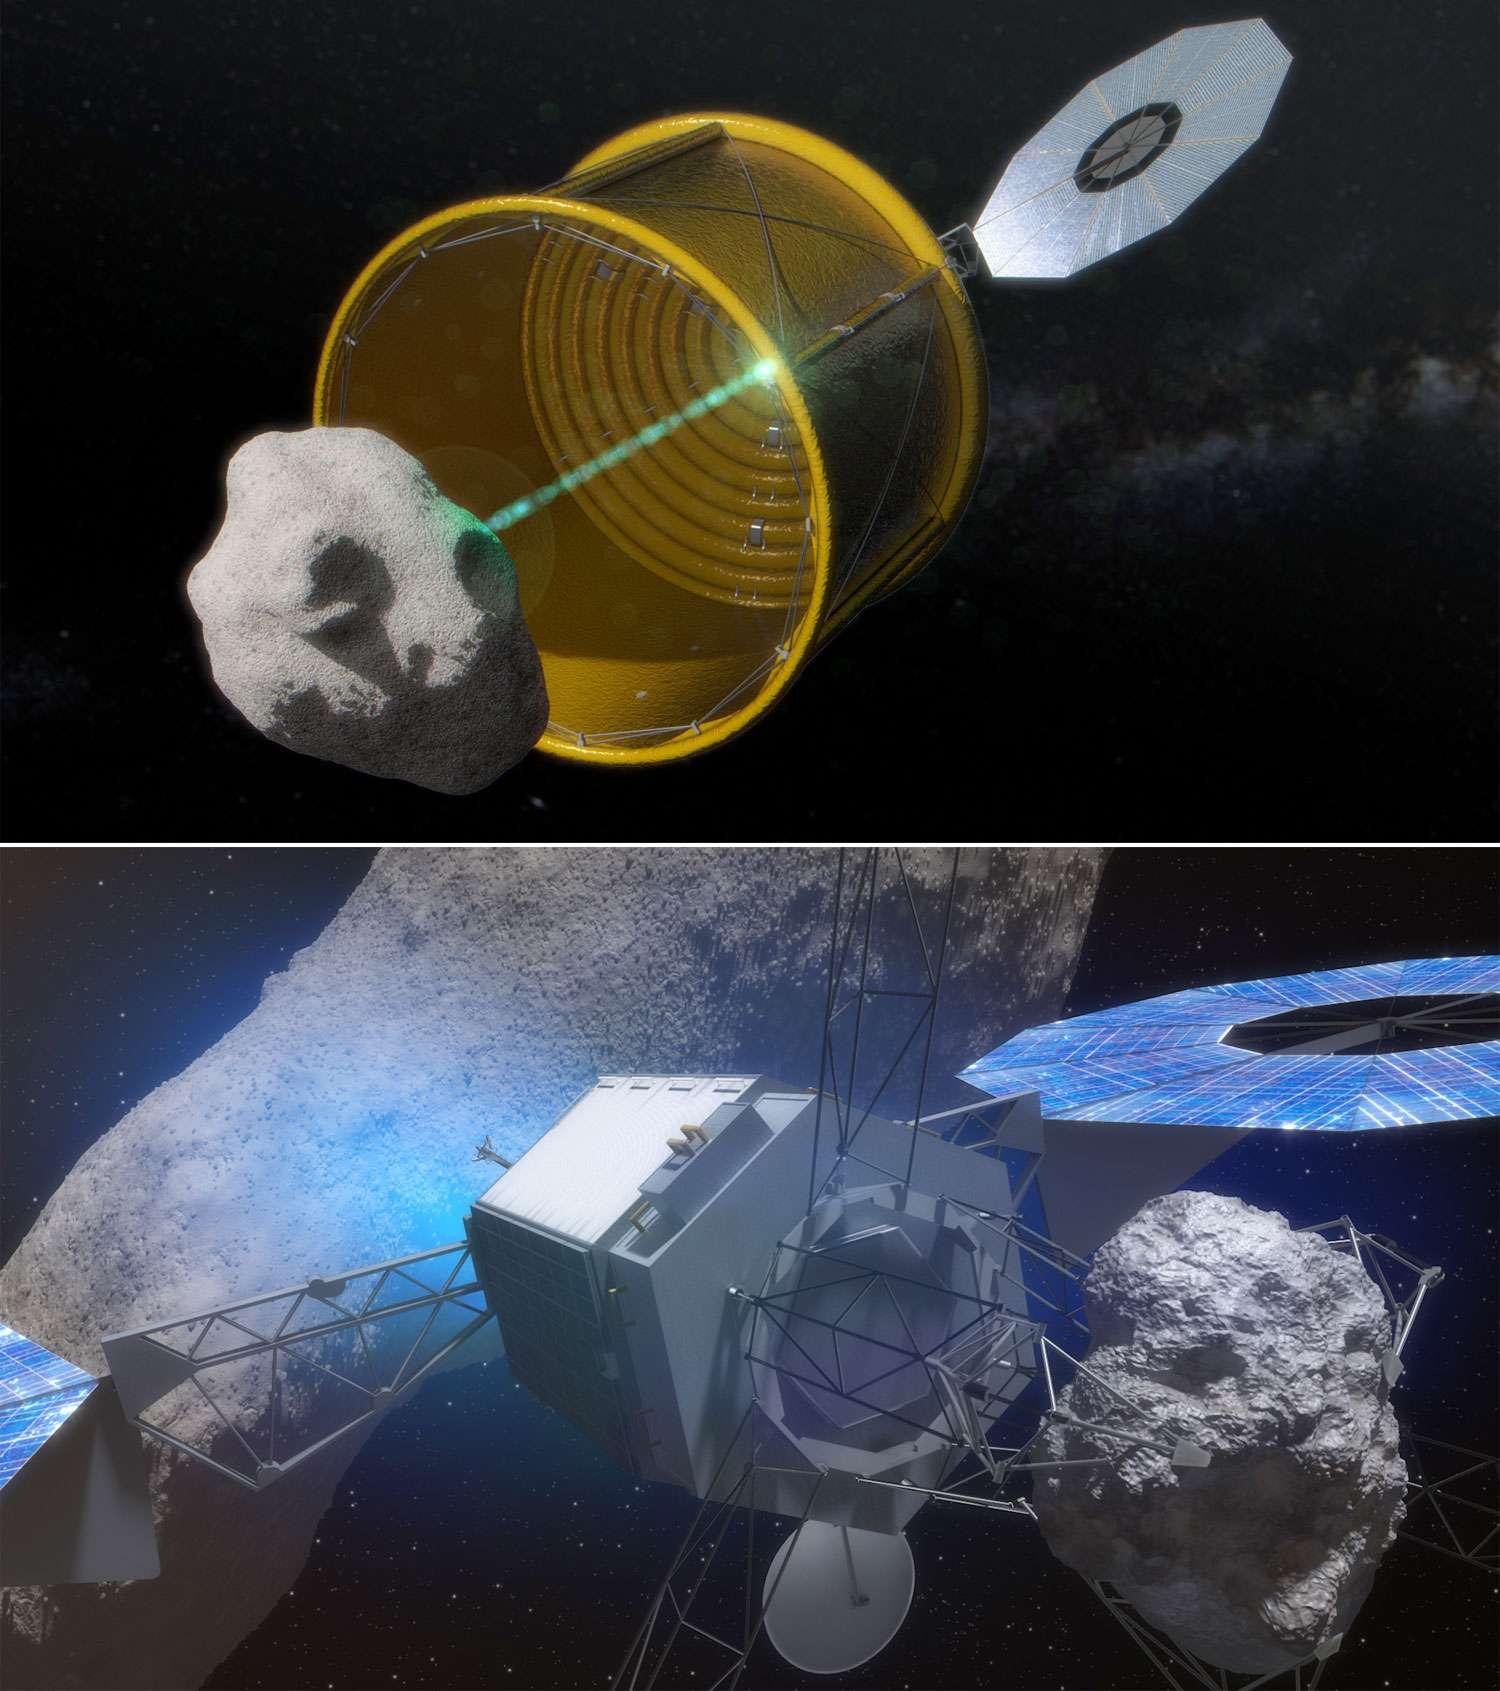 Les deux concepts permettant la capture d'un astéroïde que la Nasa étudie. L'option A, celui du big bag, et l'option B qui prévoit l'utilisation de bras robotisés. © Nasa